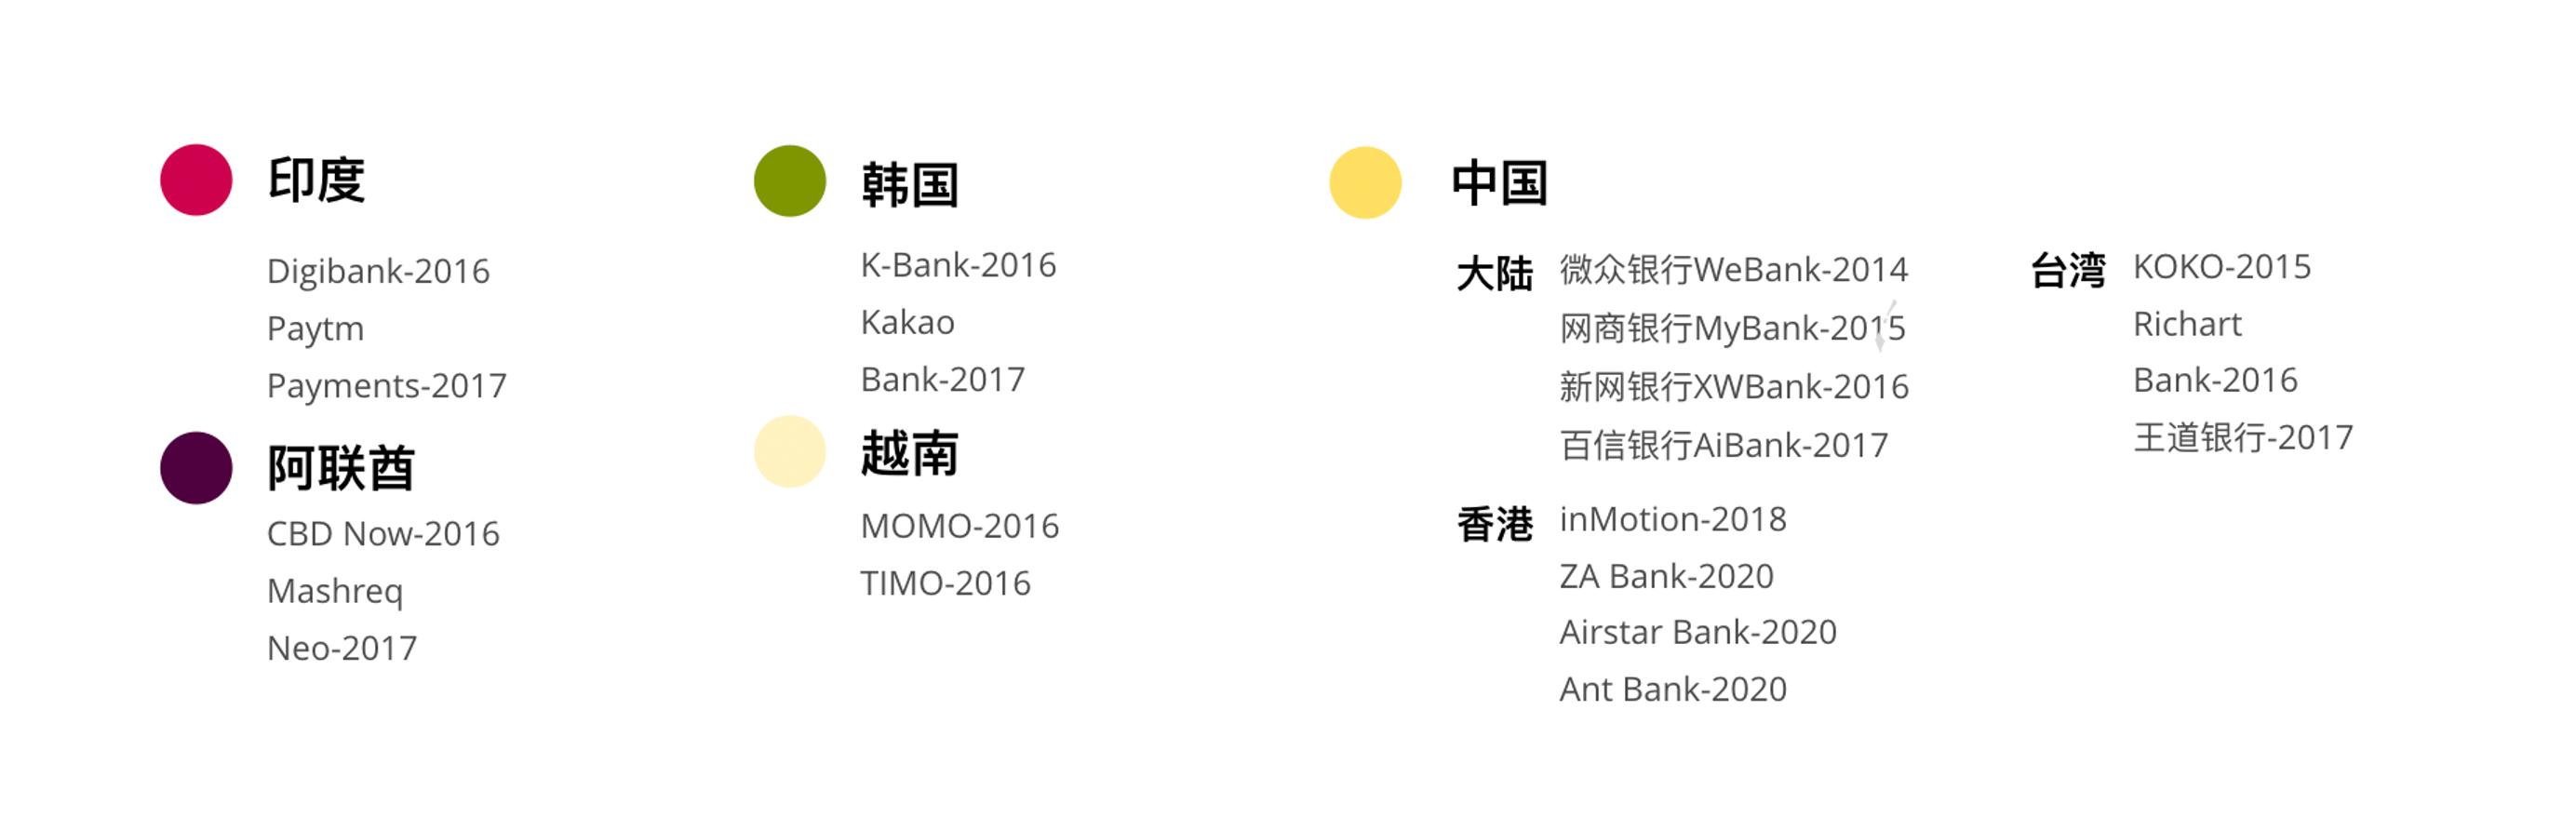 亚洲虚拟银行